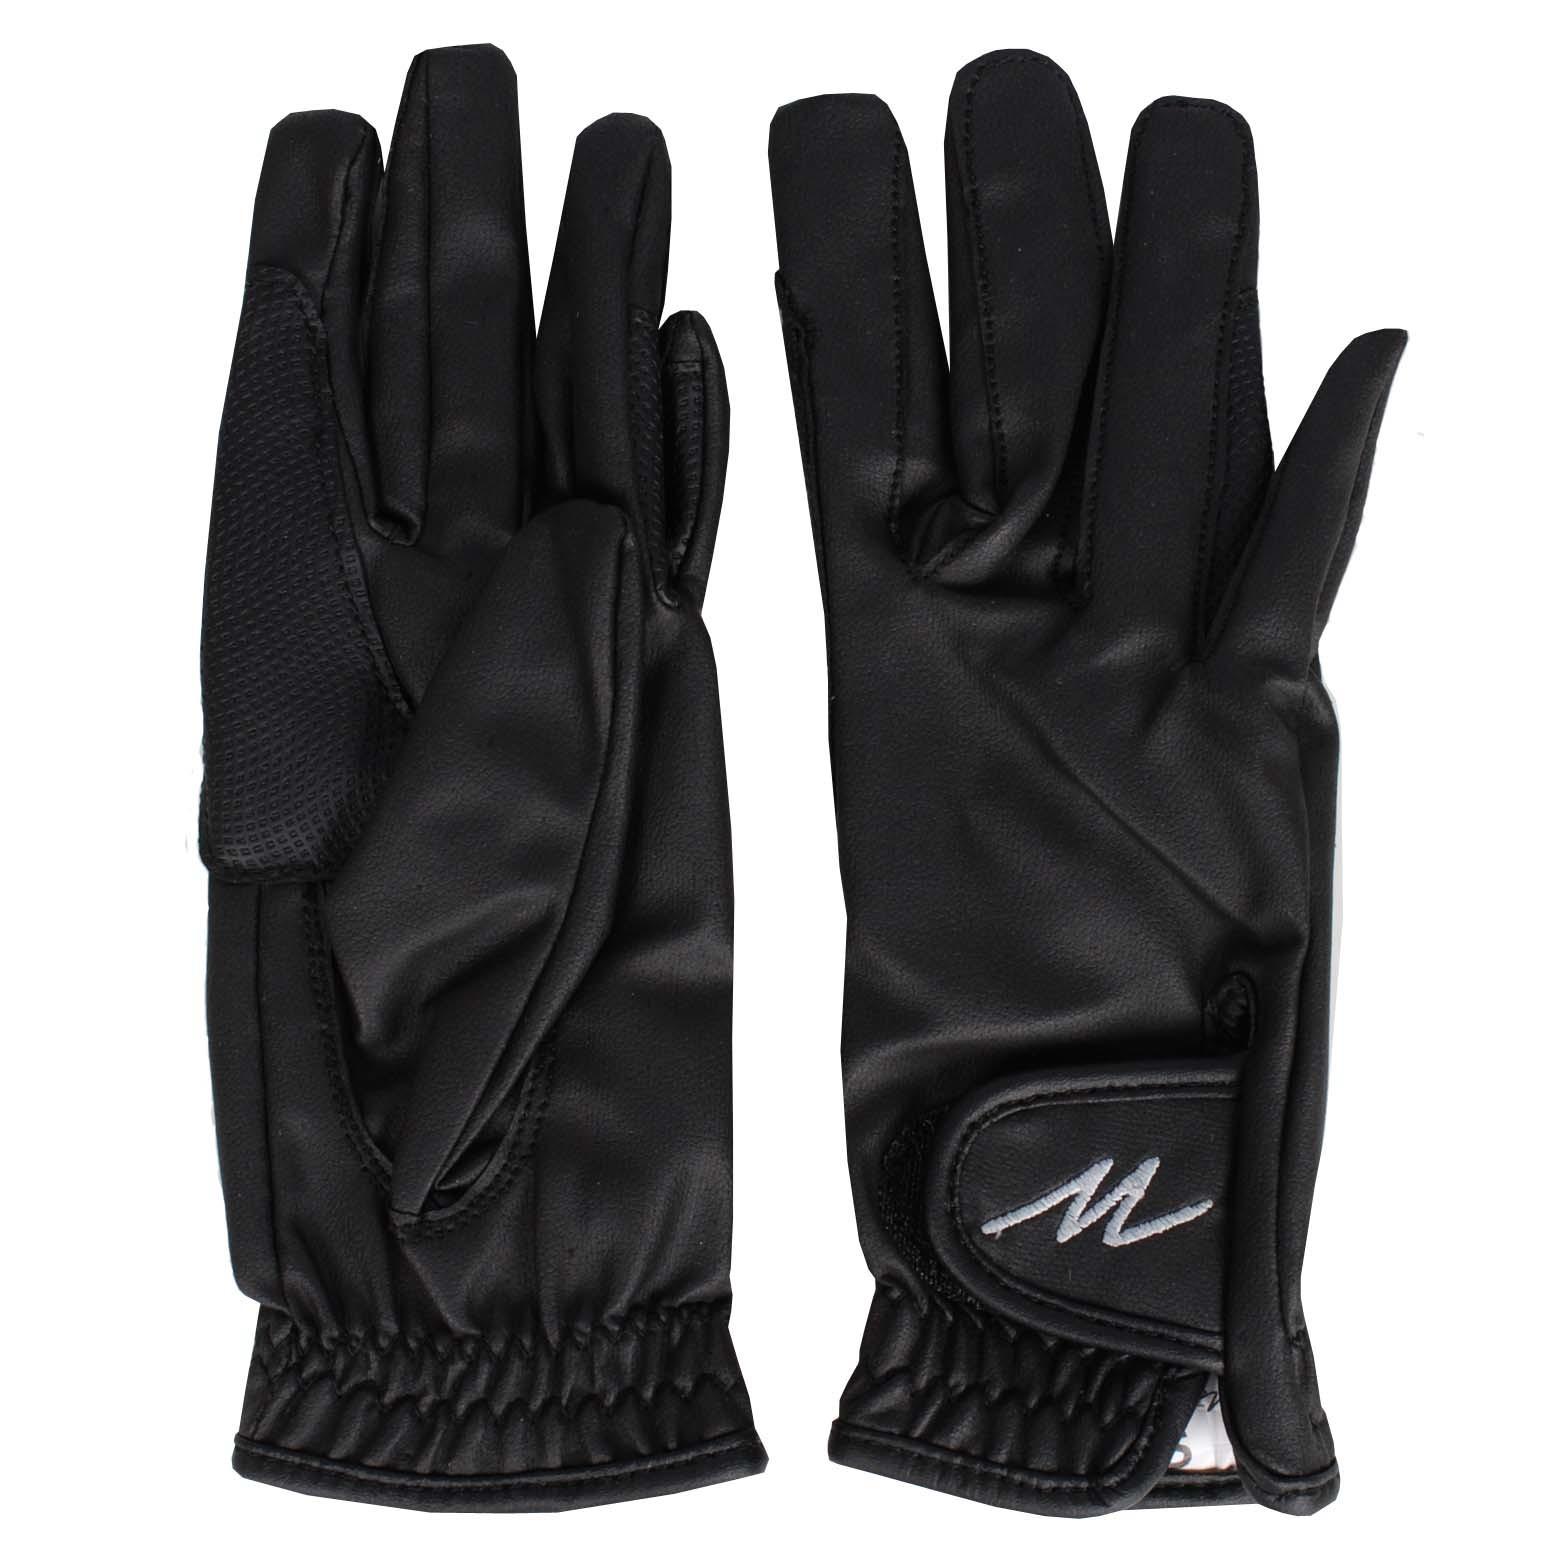 Mondoni Salvador handschoenen zwart maat:xs